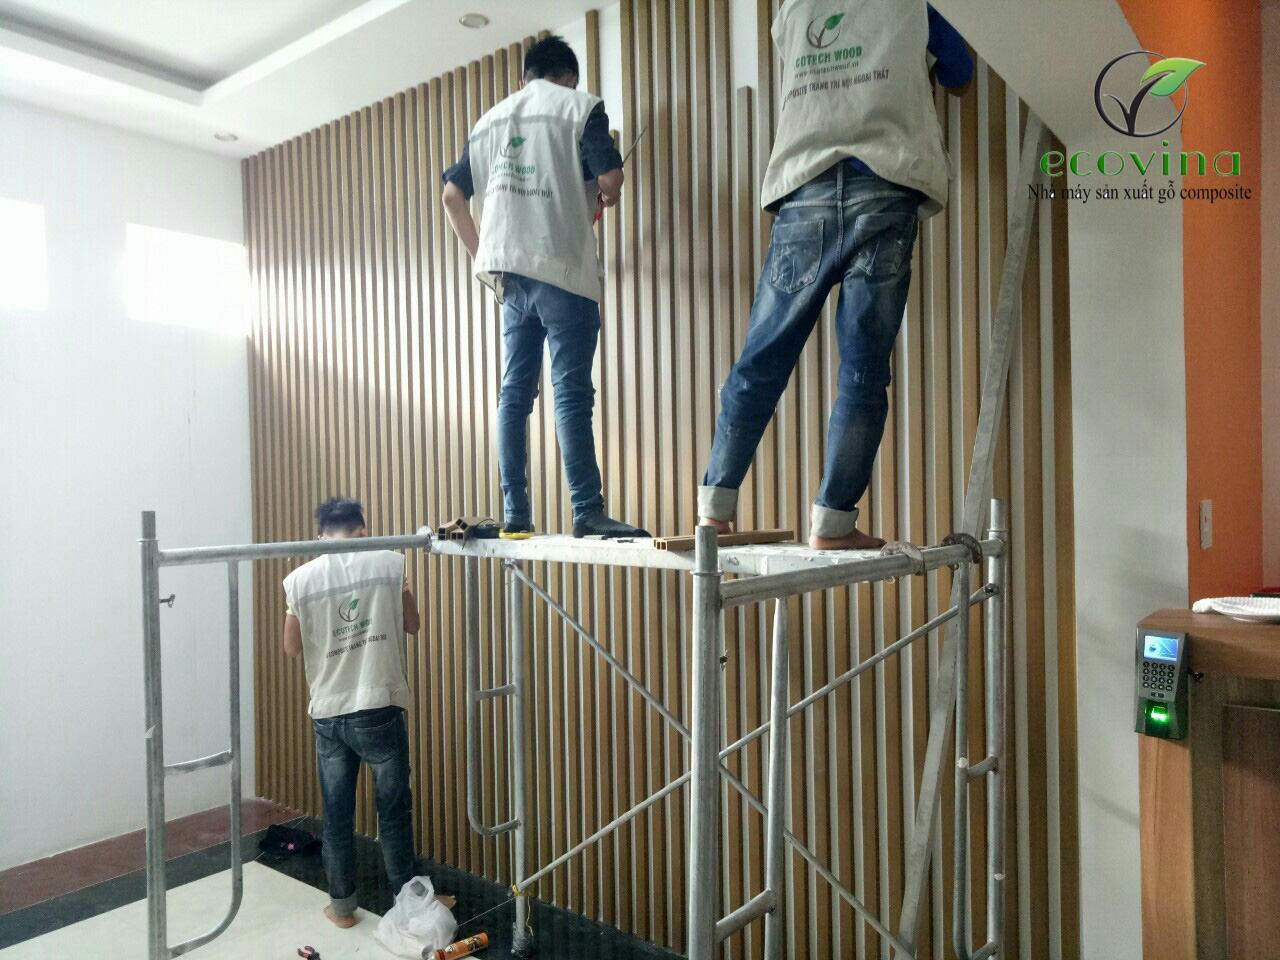 chuẩn bị khung xương thi công gỗ nhựa composite